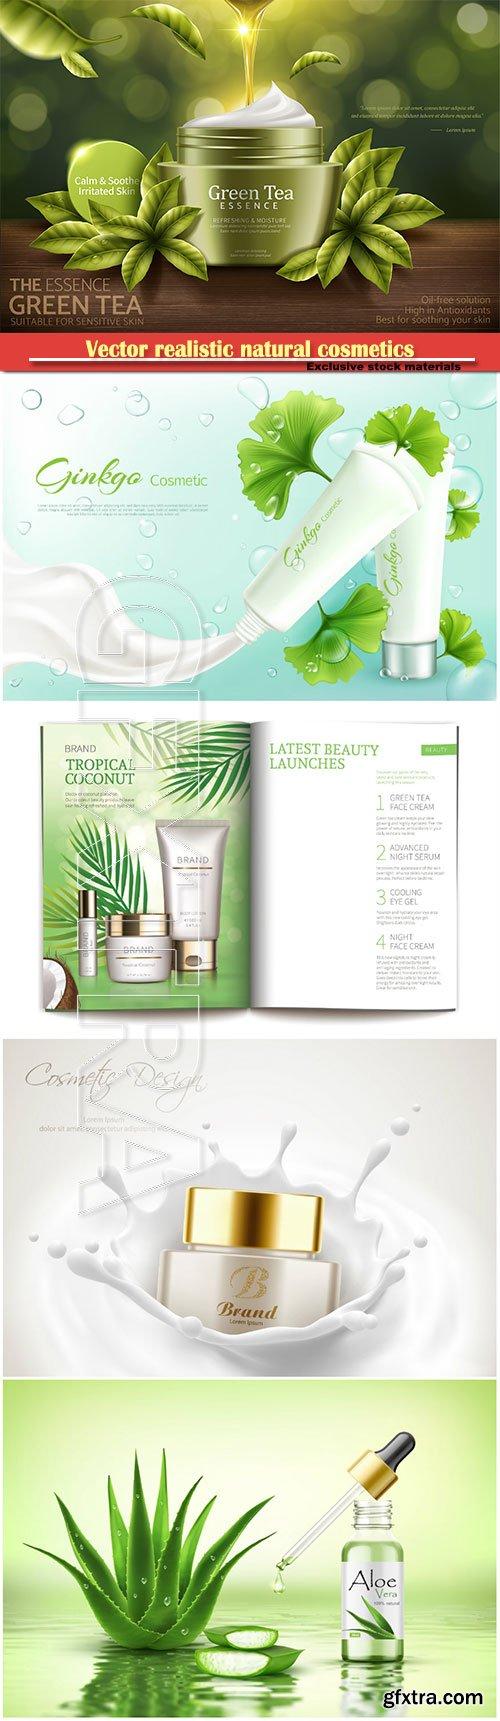 Vector realistic natural cosmetics